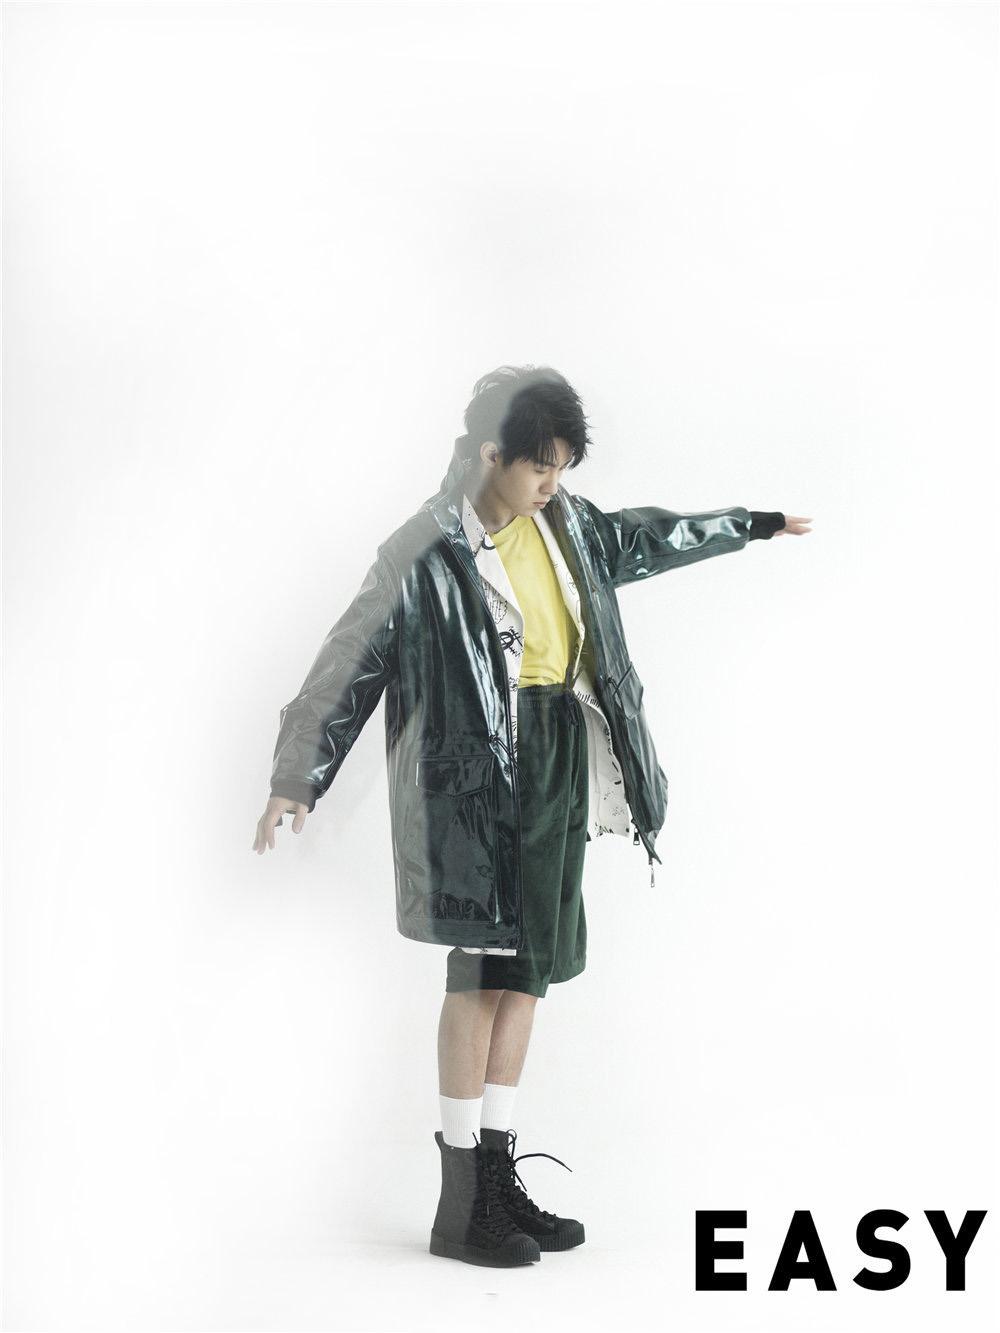 朱元冰百变时尚大片写真图片